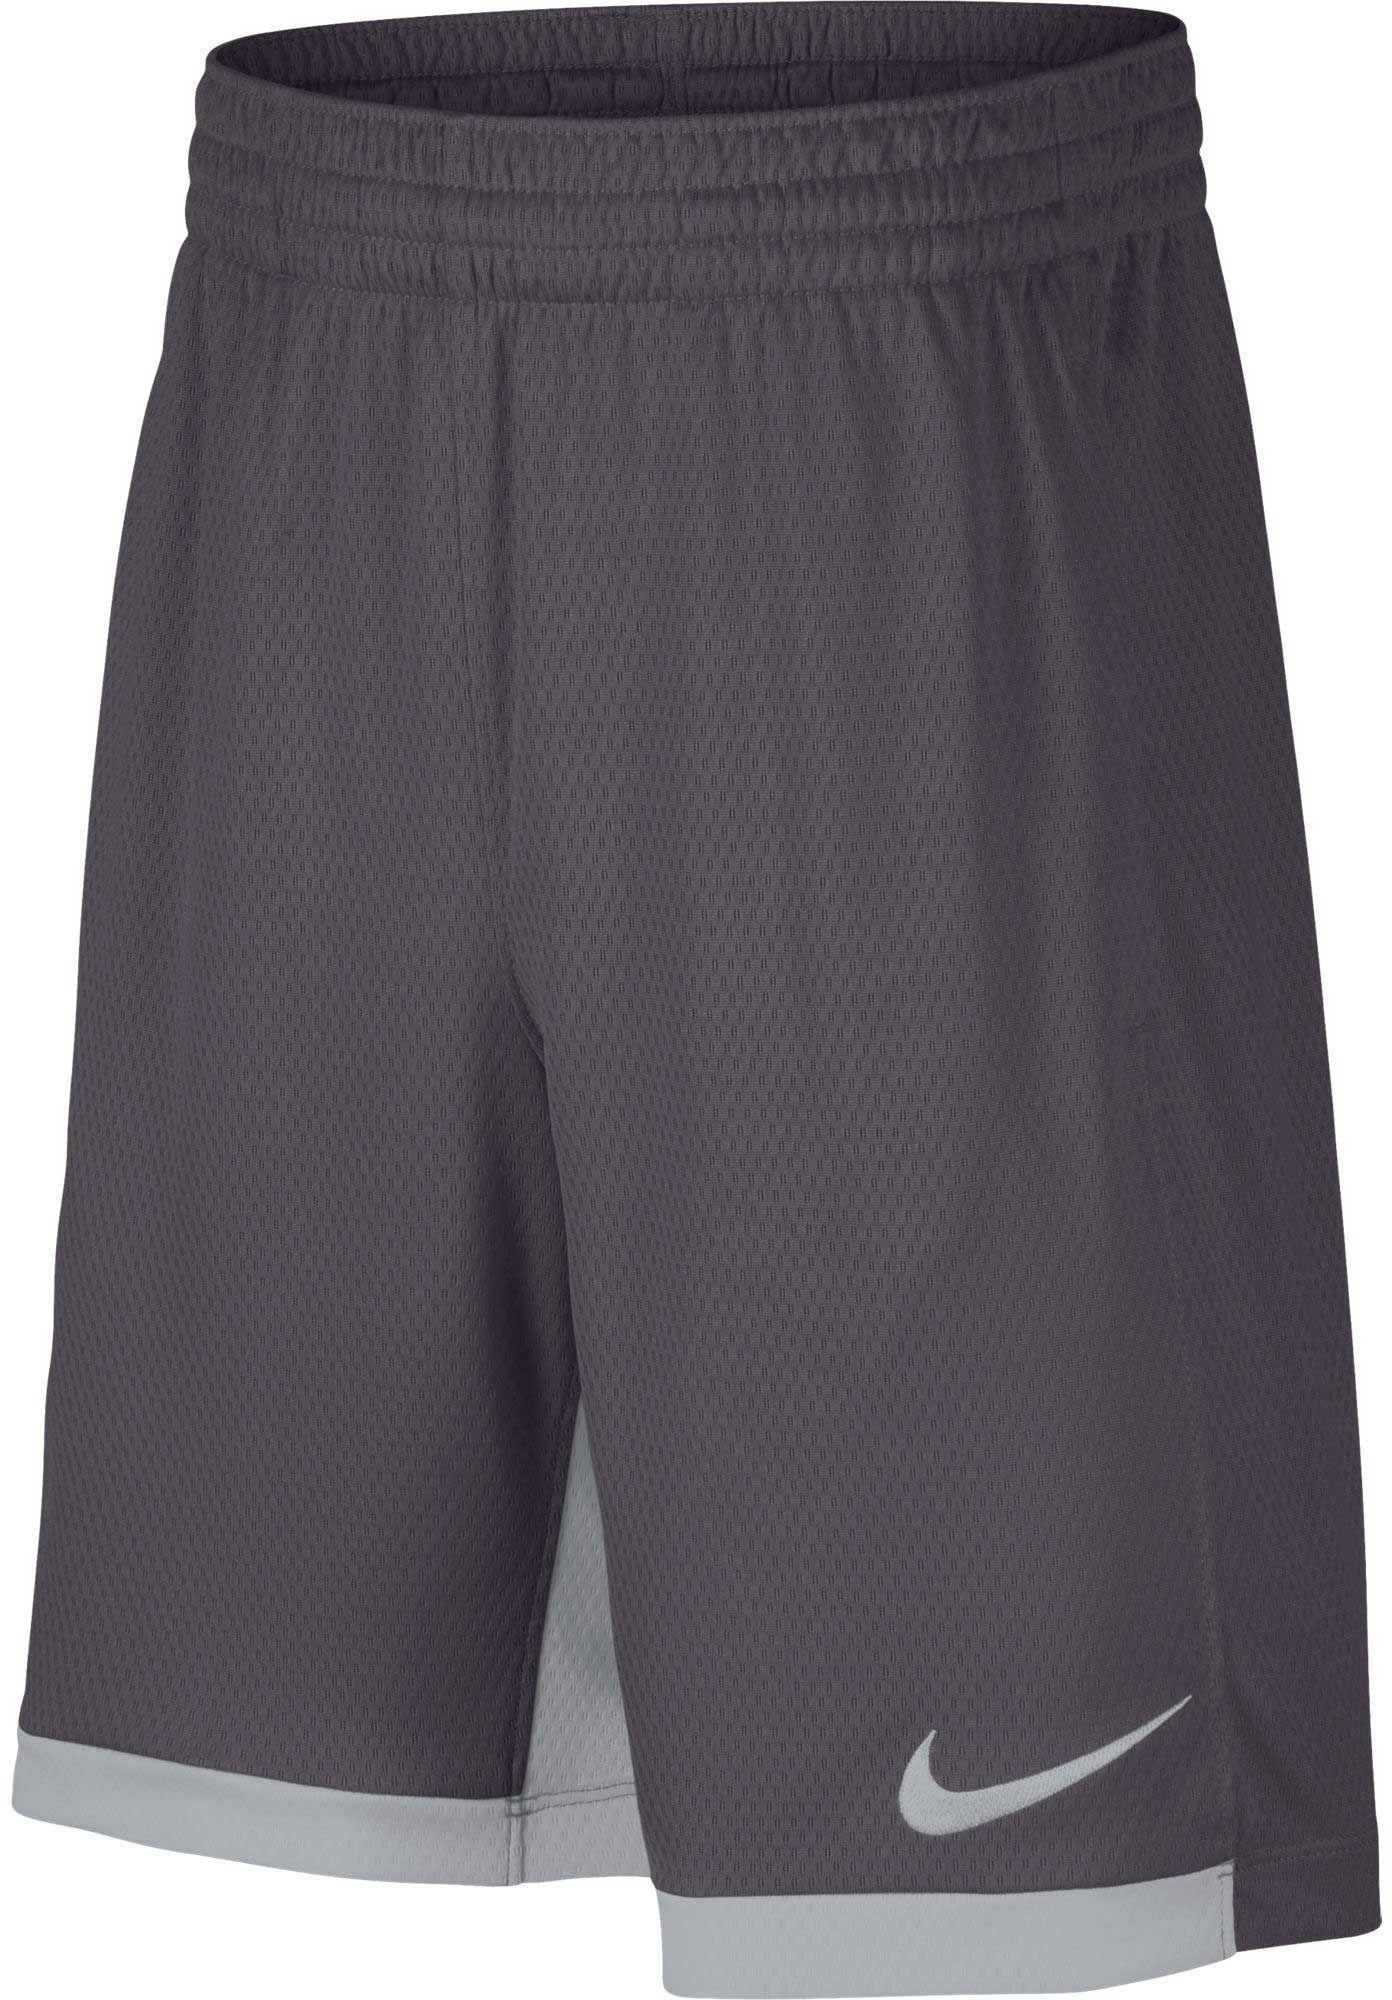 4790778c5adf Nike Boys  Trophy Training Shorts